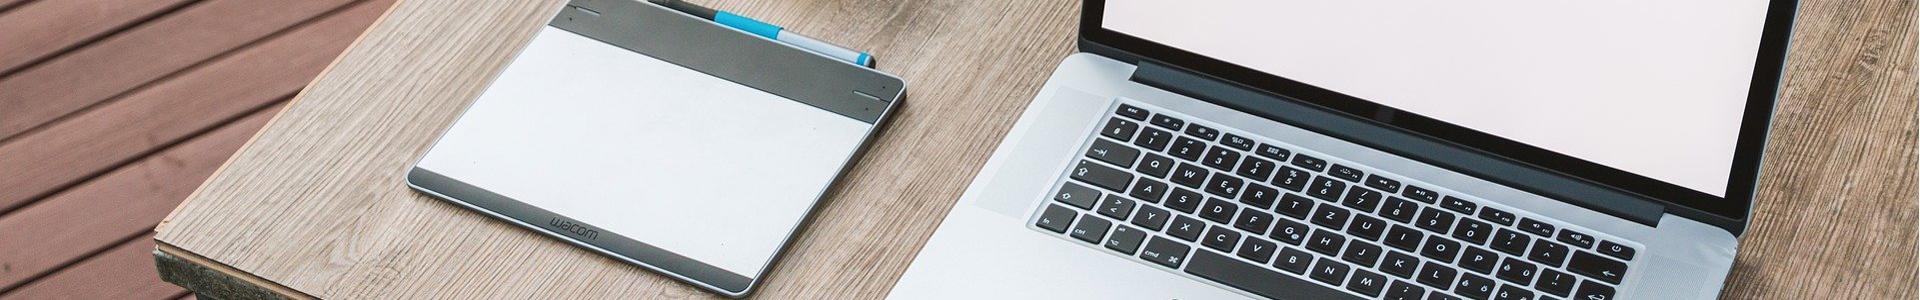 tablet en laptop